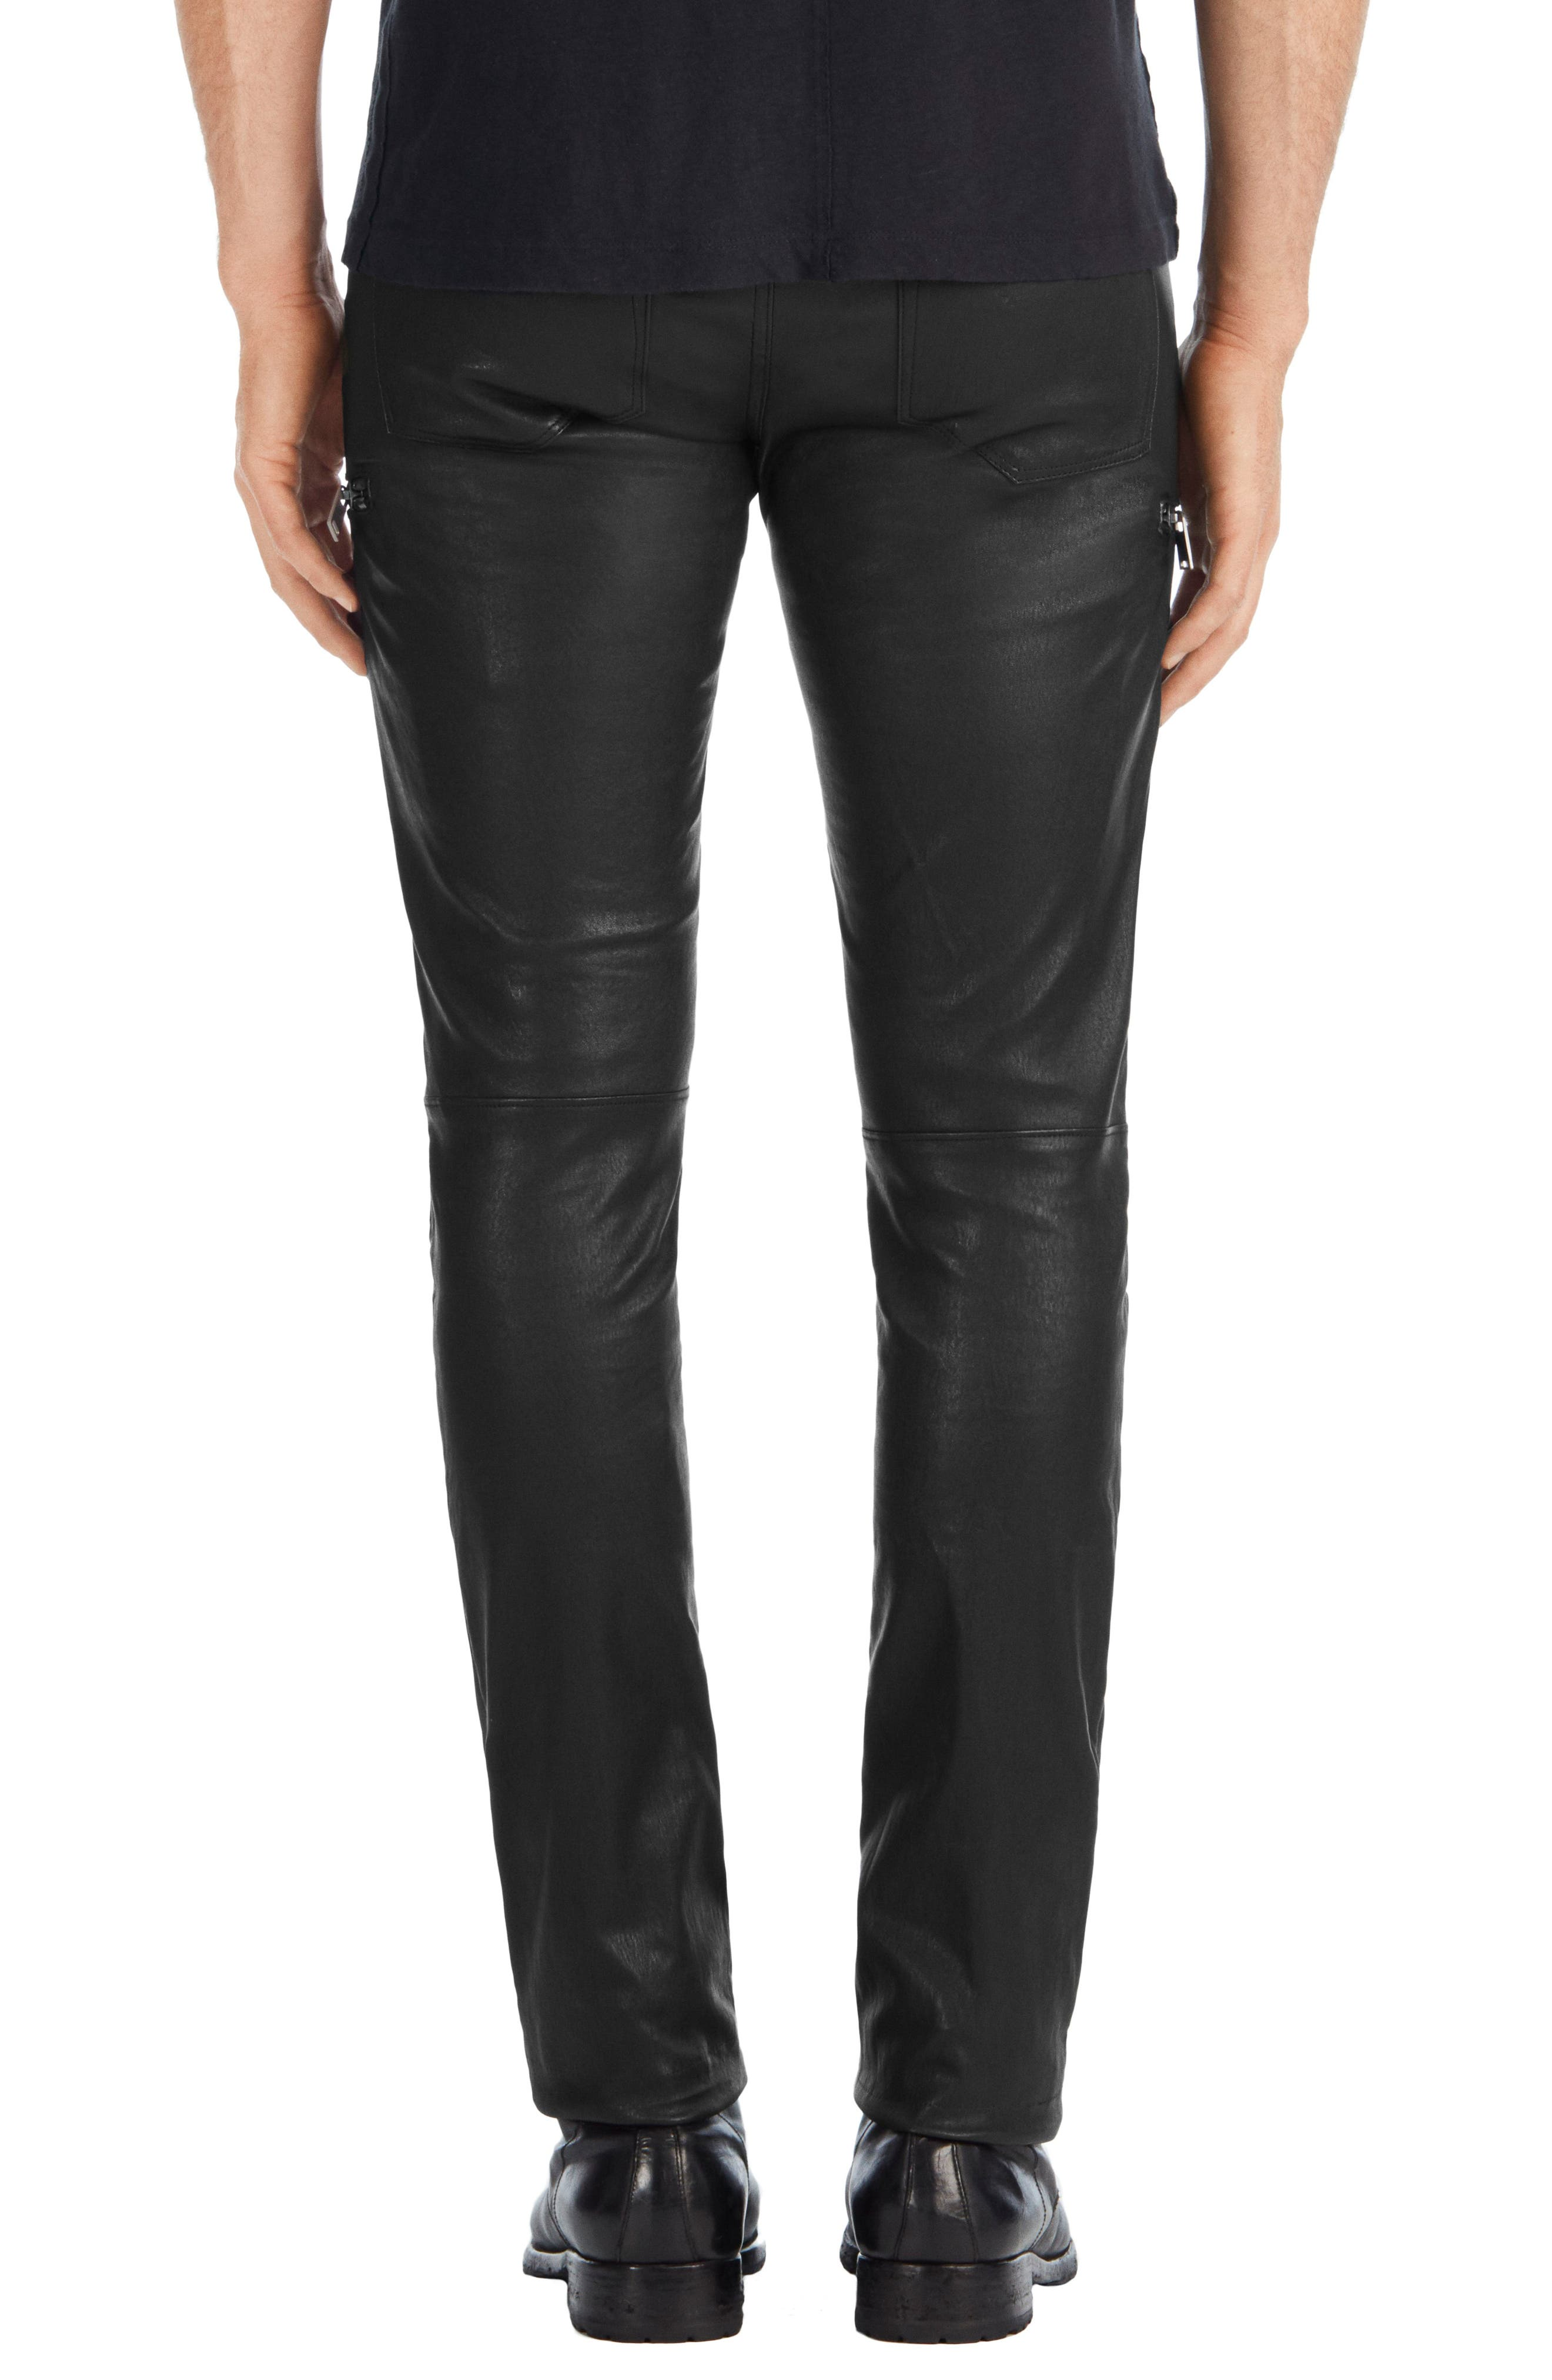 Acrux Skinny Leg Leather Pants,                             Alternate thumbnail 2, color,                             Black